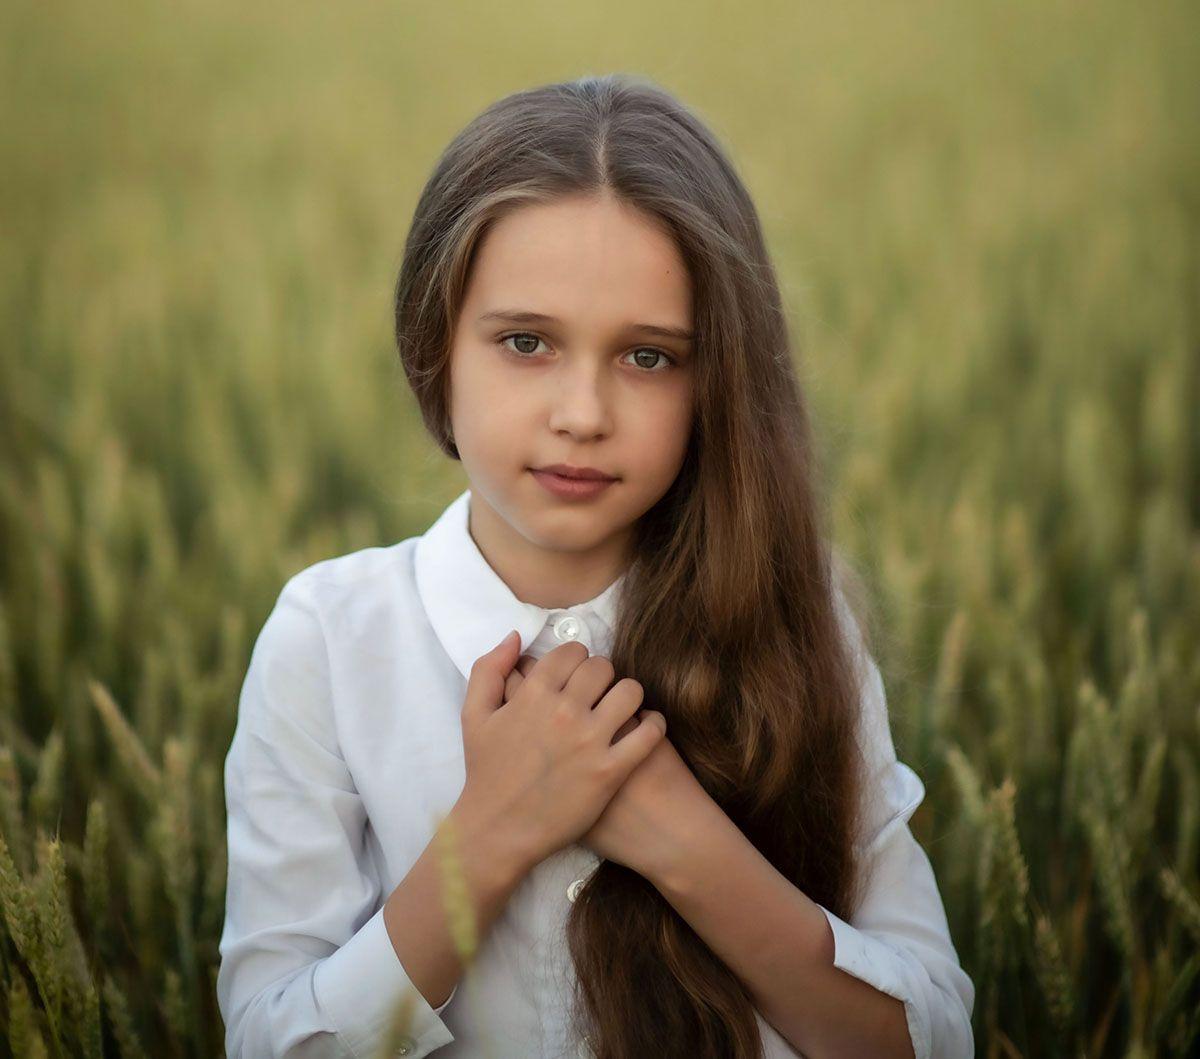 девочка,лето,поле,природа, настроение, girl, summer, field, nature, Стукалова Юлия